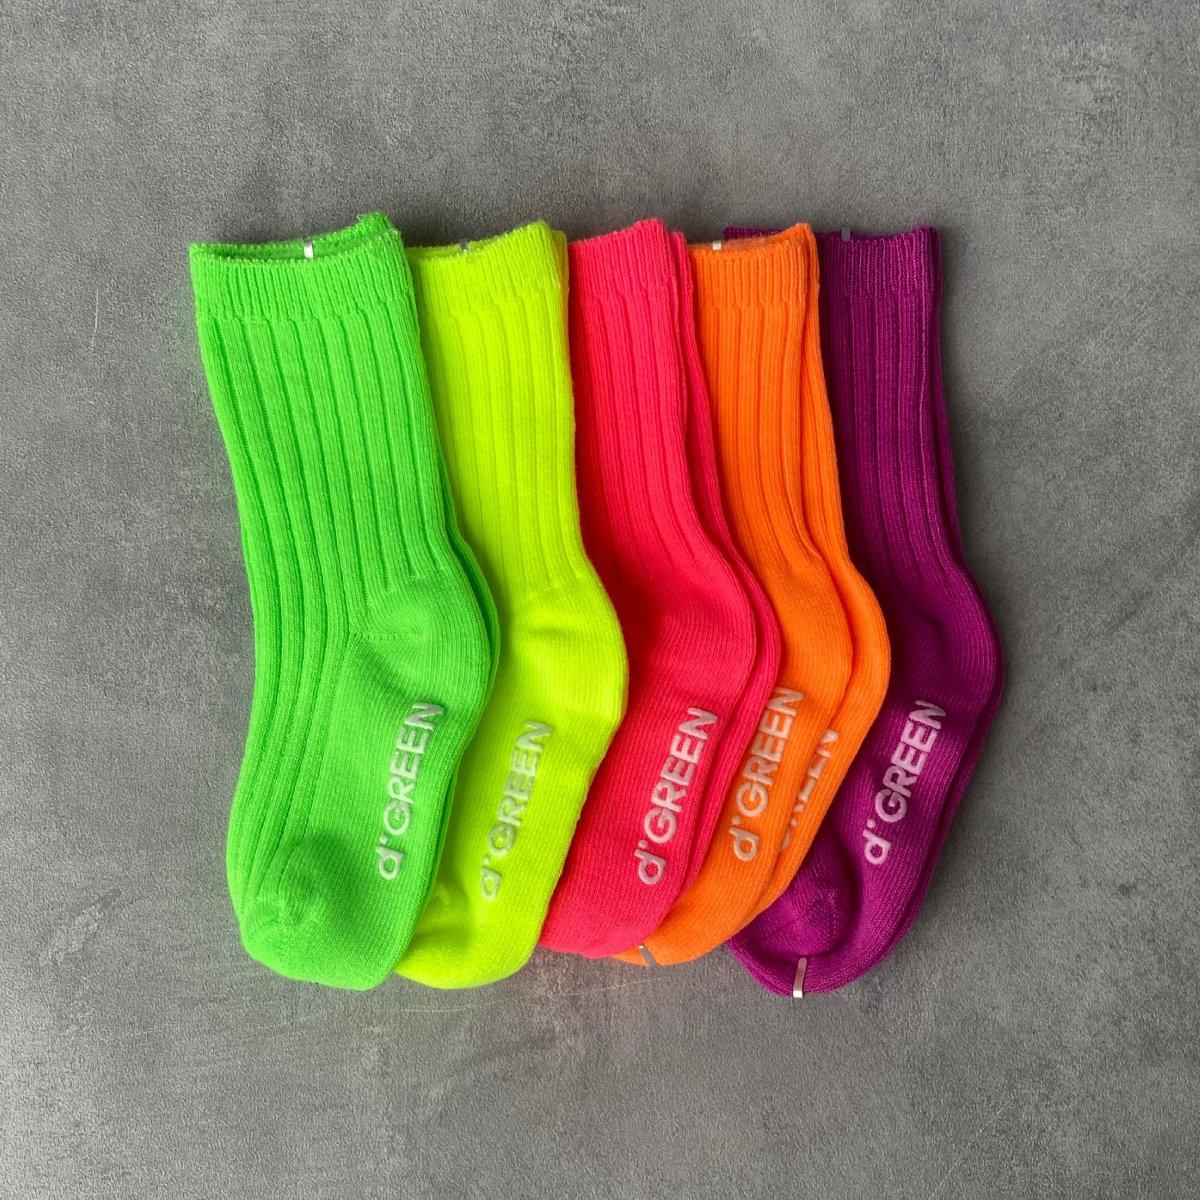 【KIDS】Neon Socks 詳細画像1